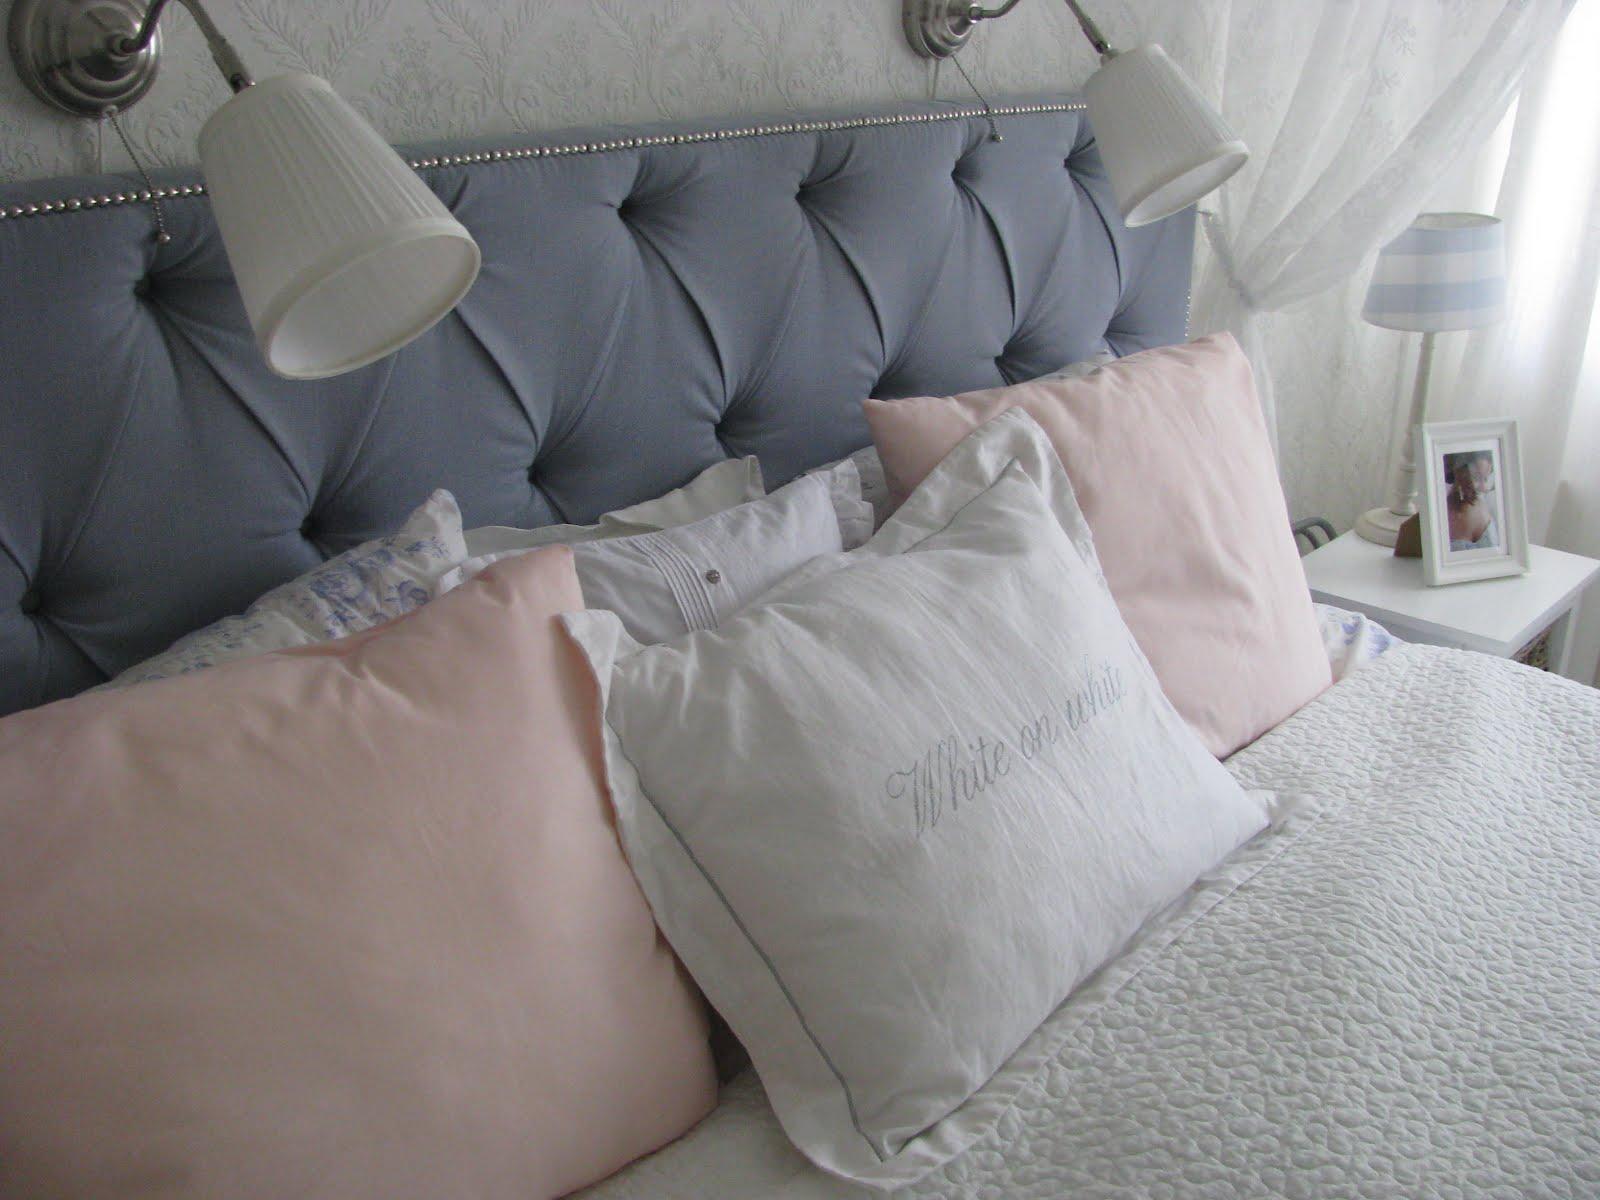 Romantische slaapkamer gordijnen ikea ~ anortiz.com for .